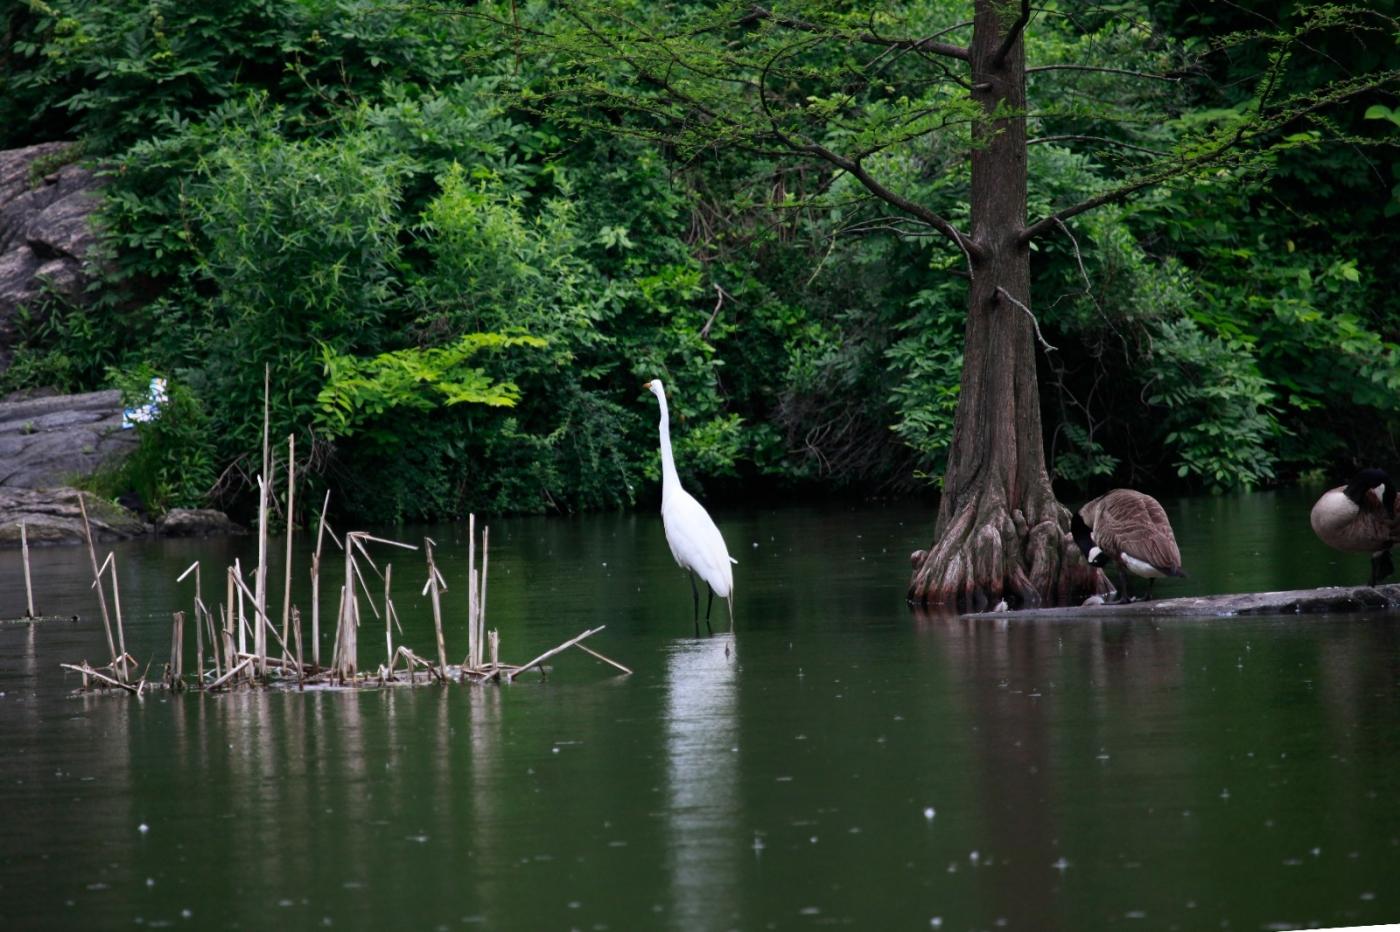 中央公园的白鹭,姿态优美,游客喜爱_图1-2